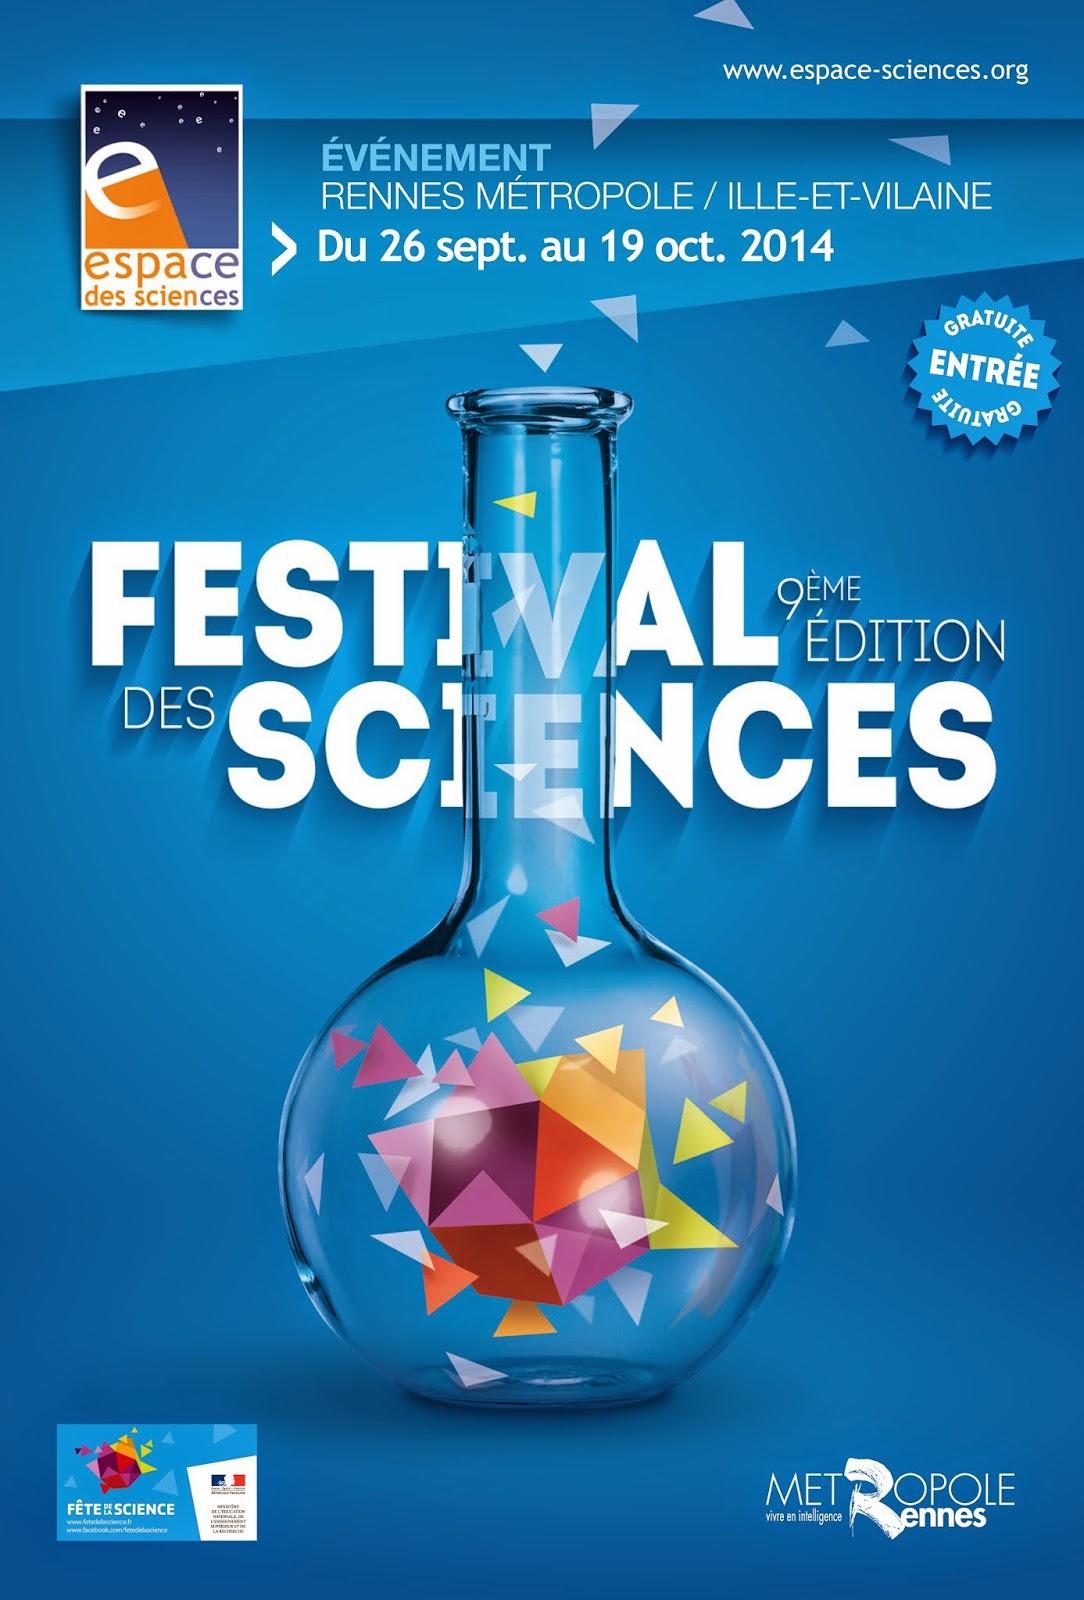 http://www.espace-sciences.org/festival-des-sciences-2014